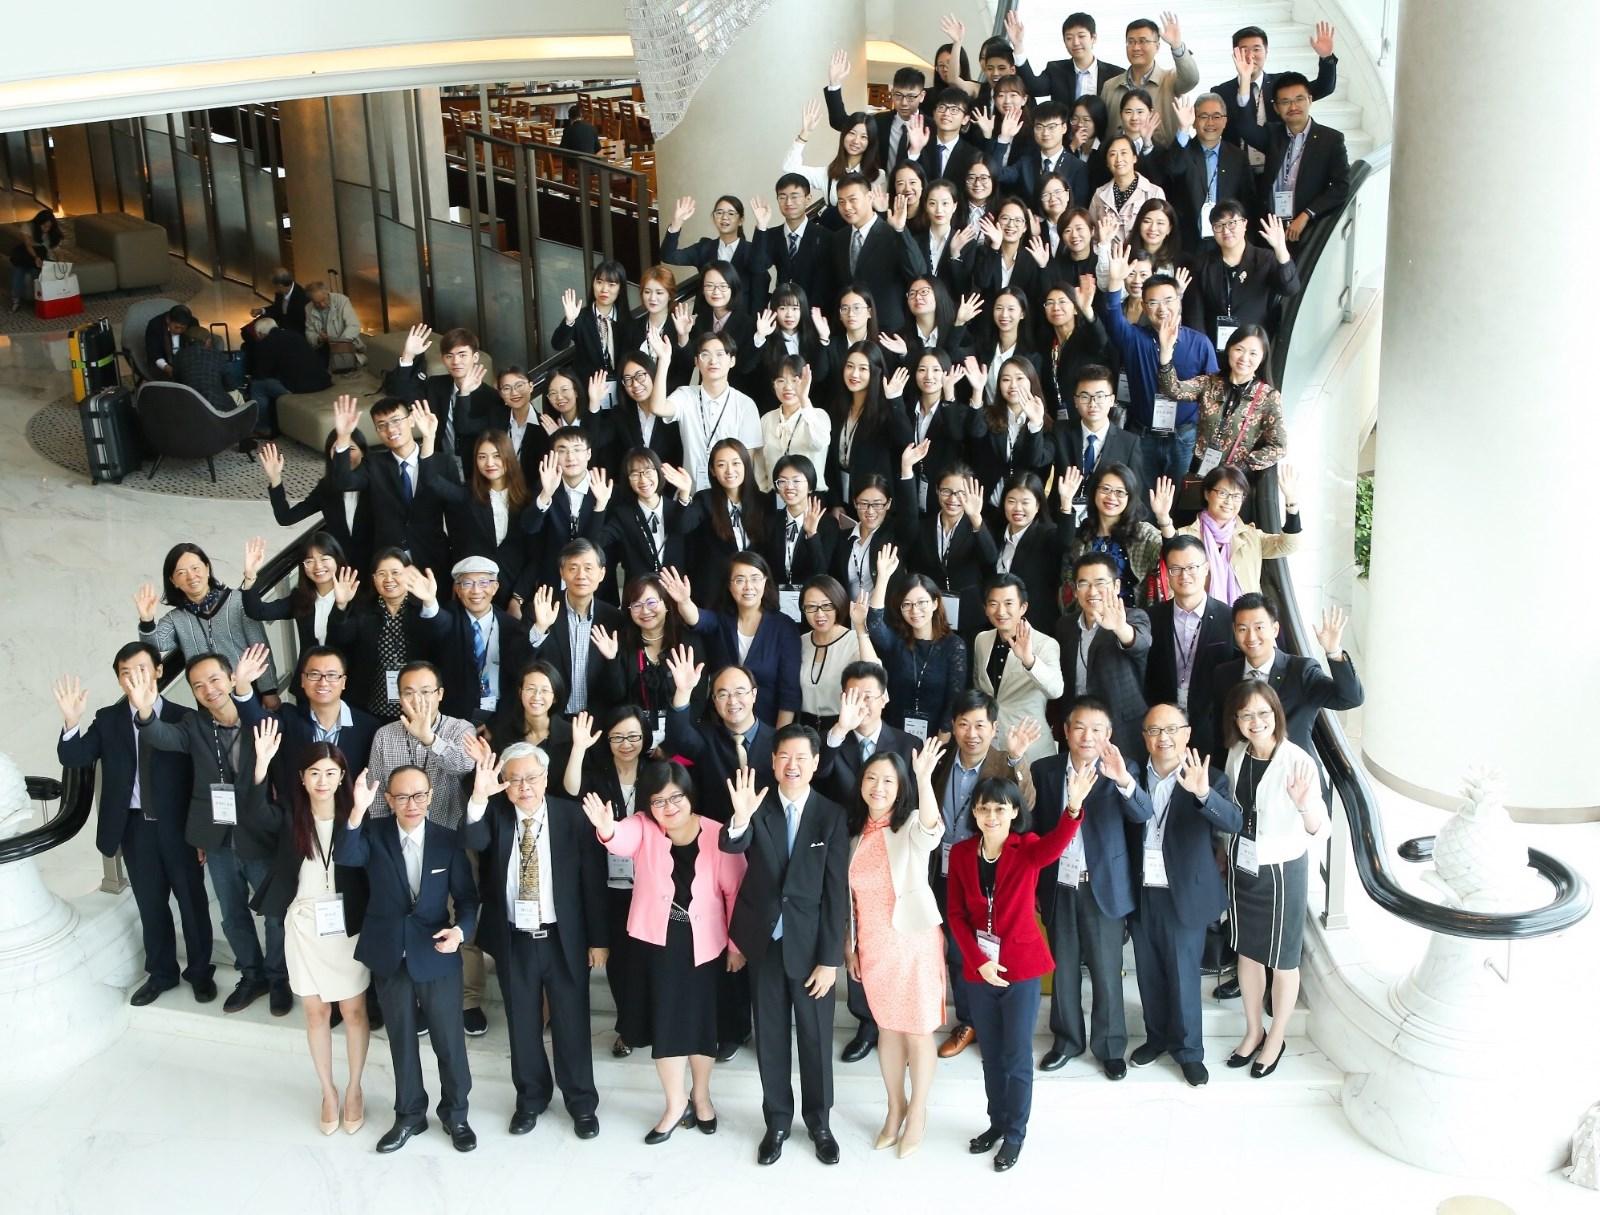 「第十五屆德勤稅務精英挑戰賽」參與賽事全體人員合照